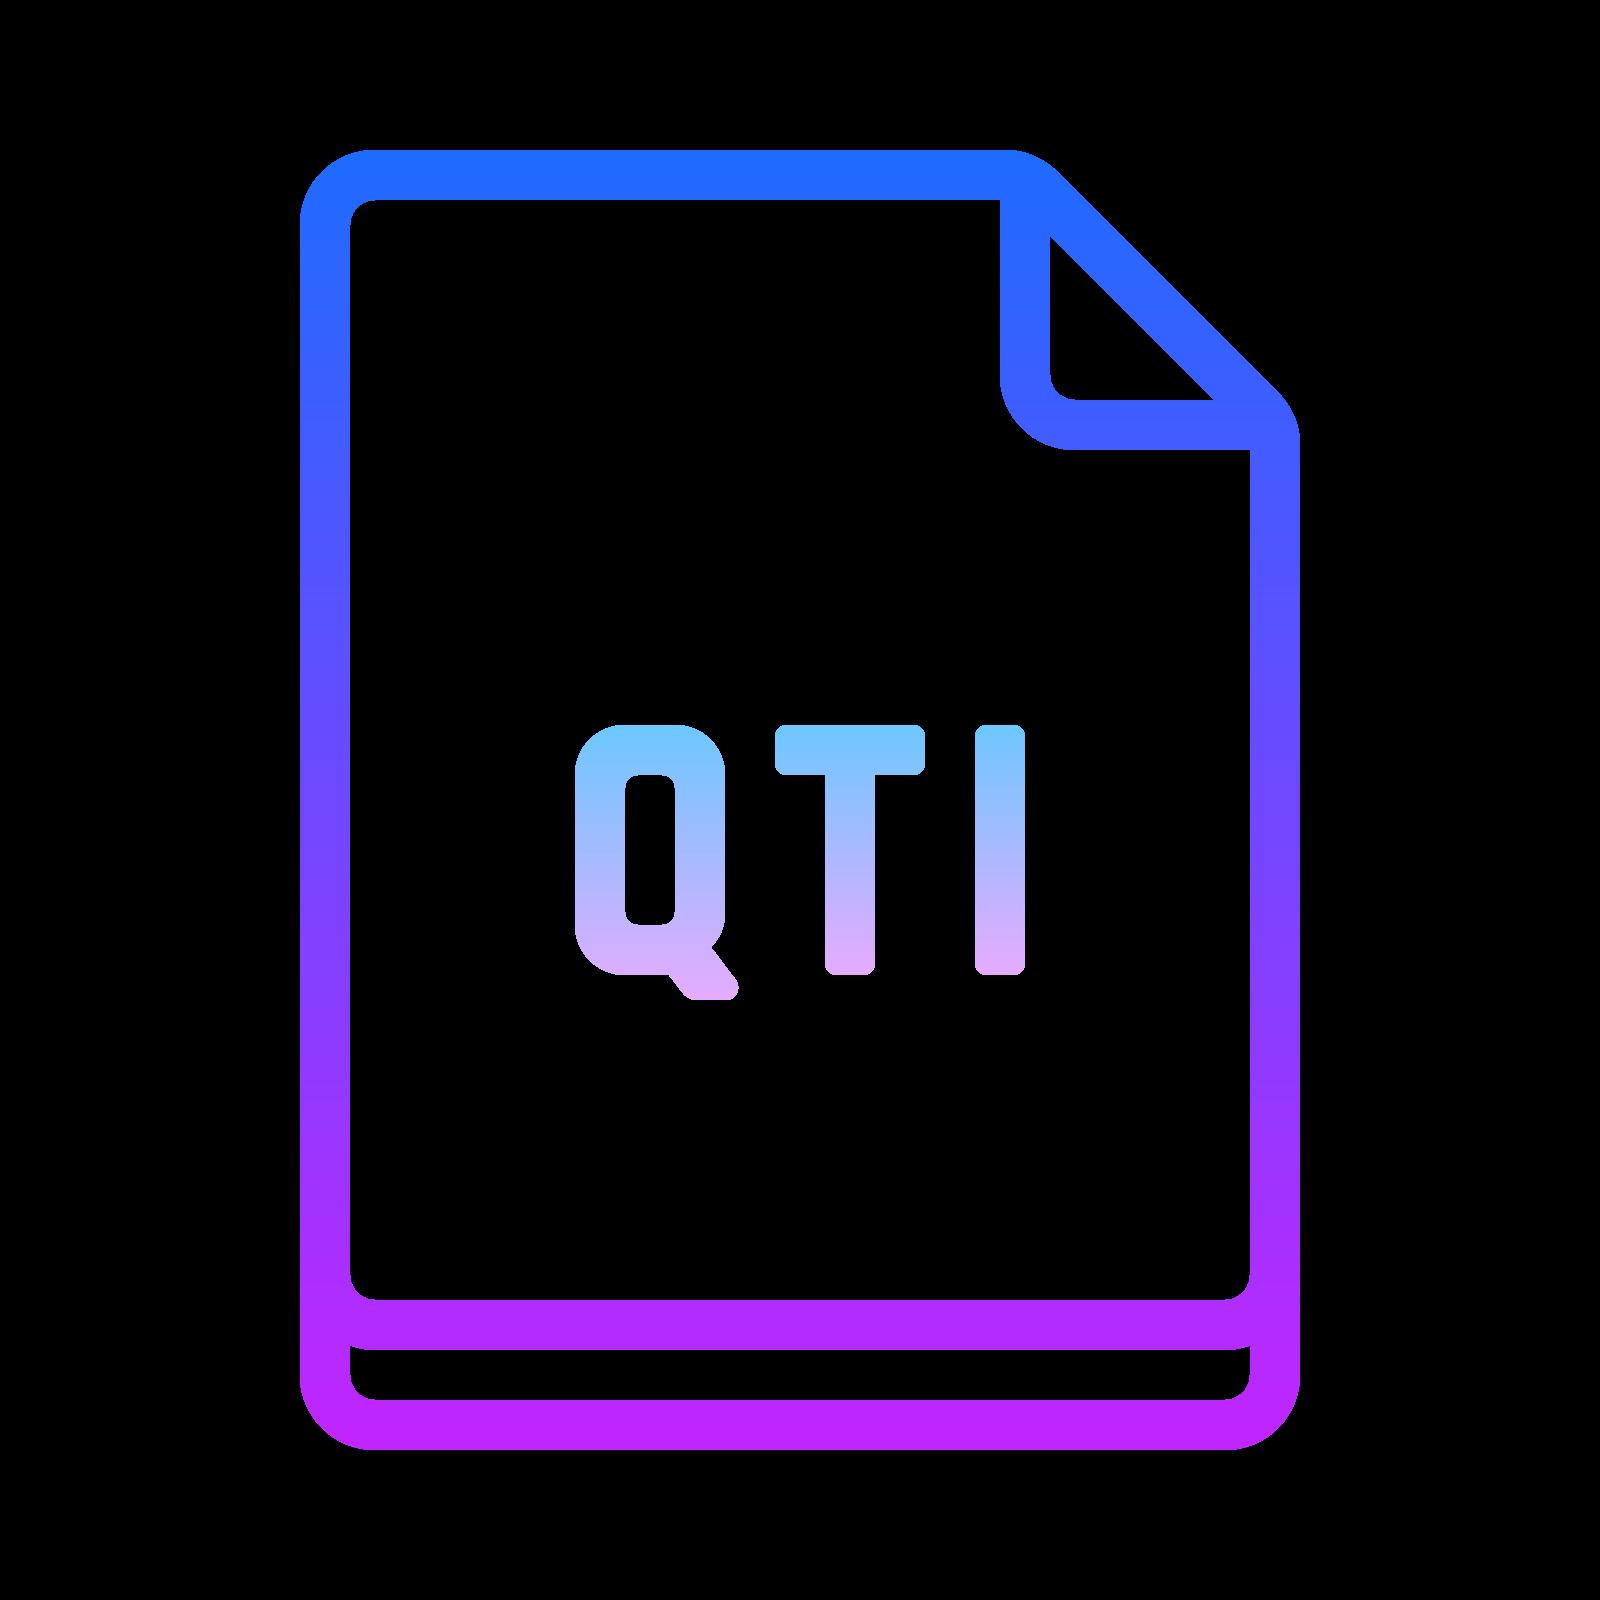 QTI icon